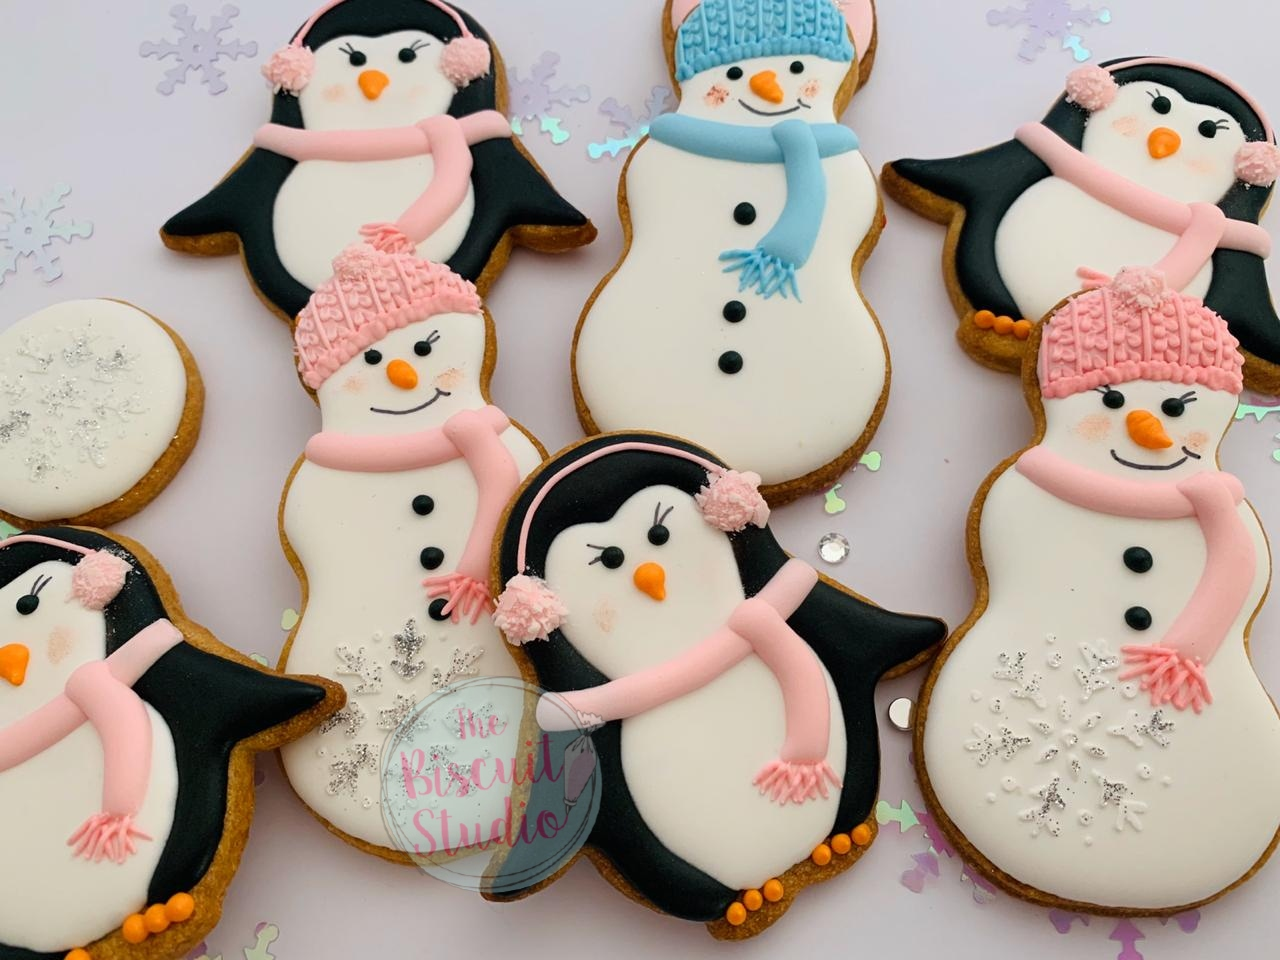 Penguins & snowmen